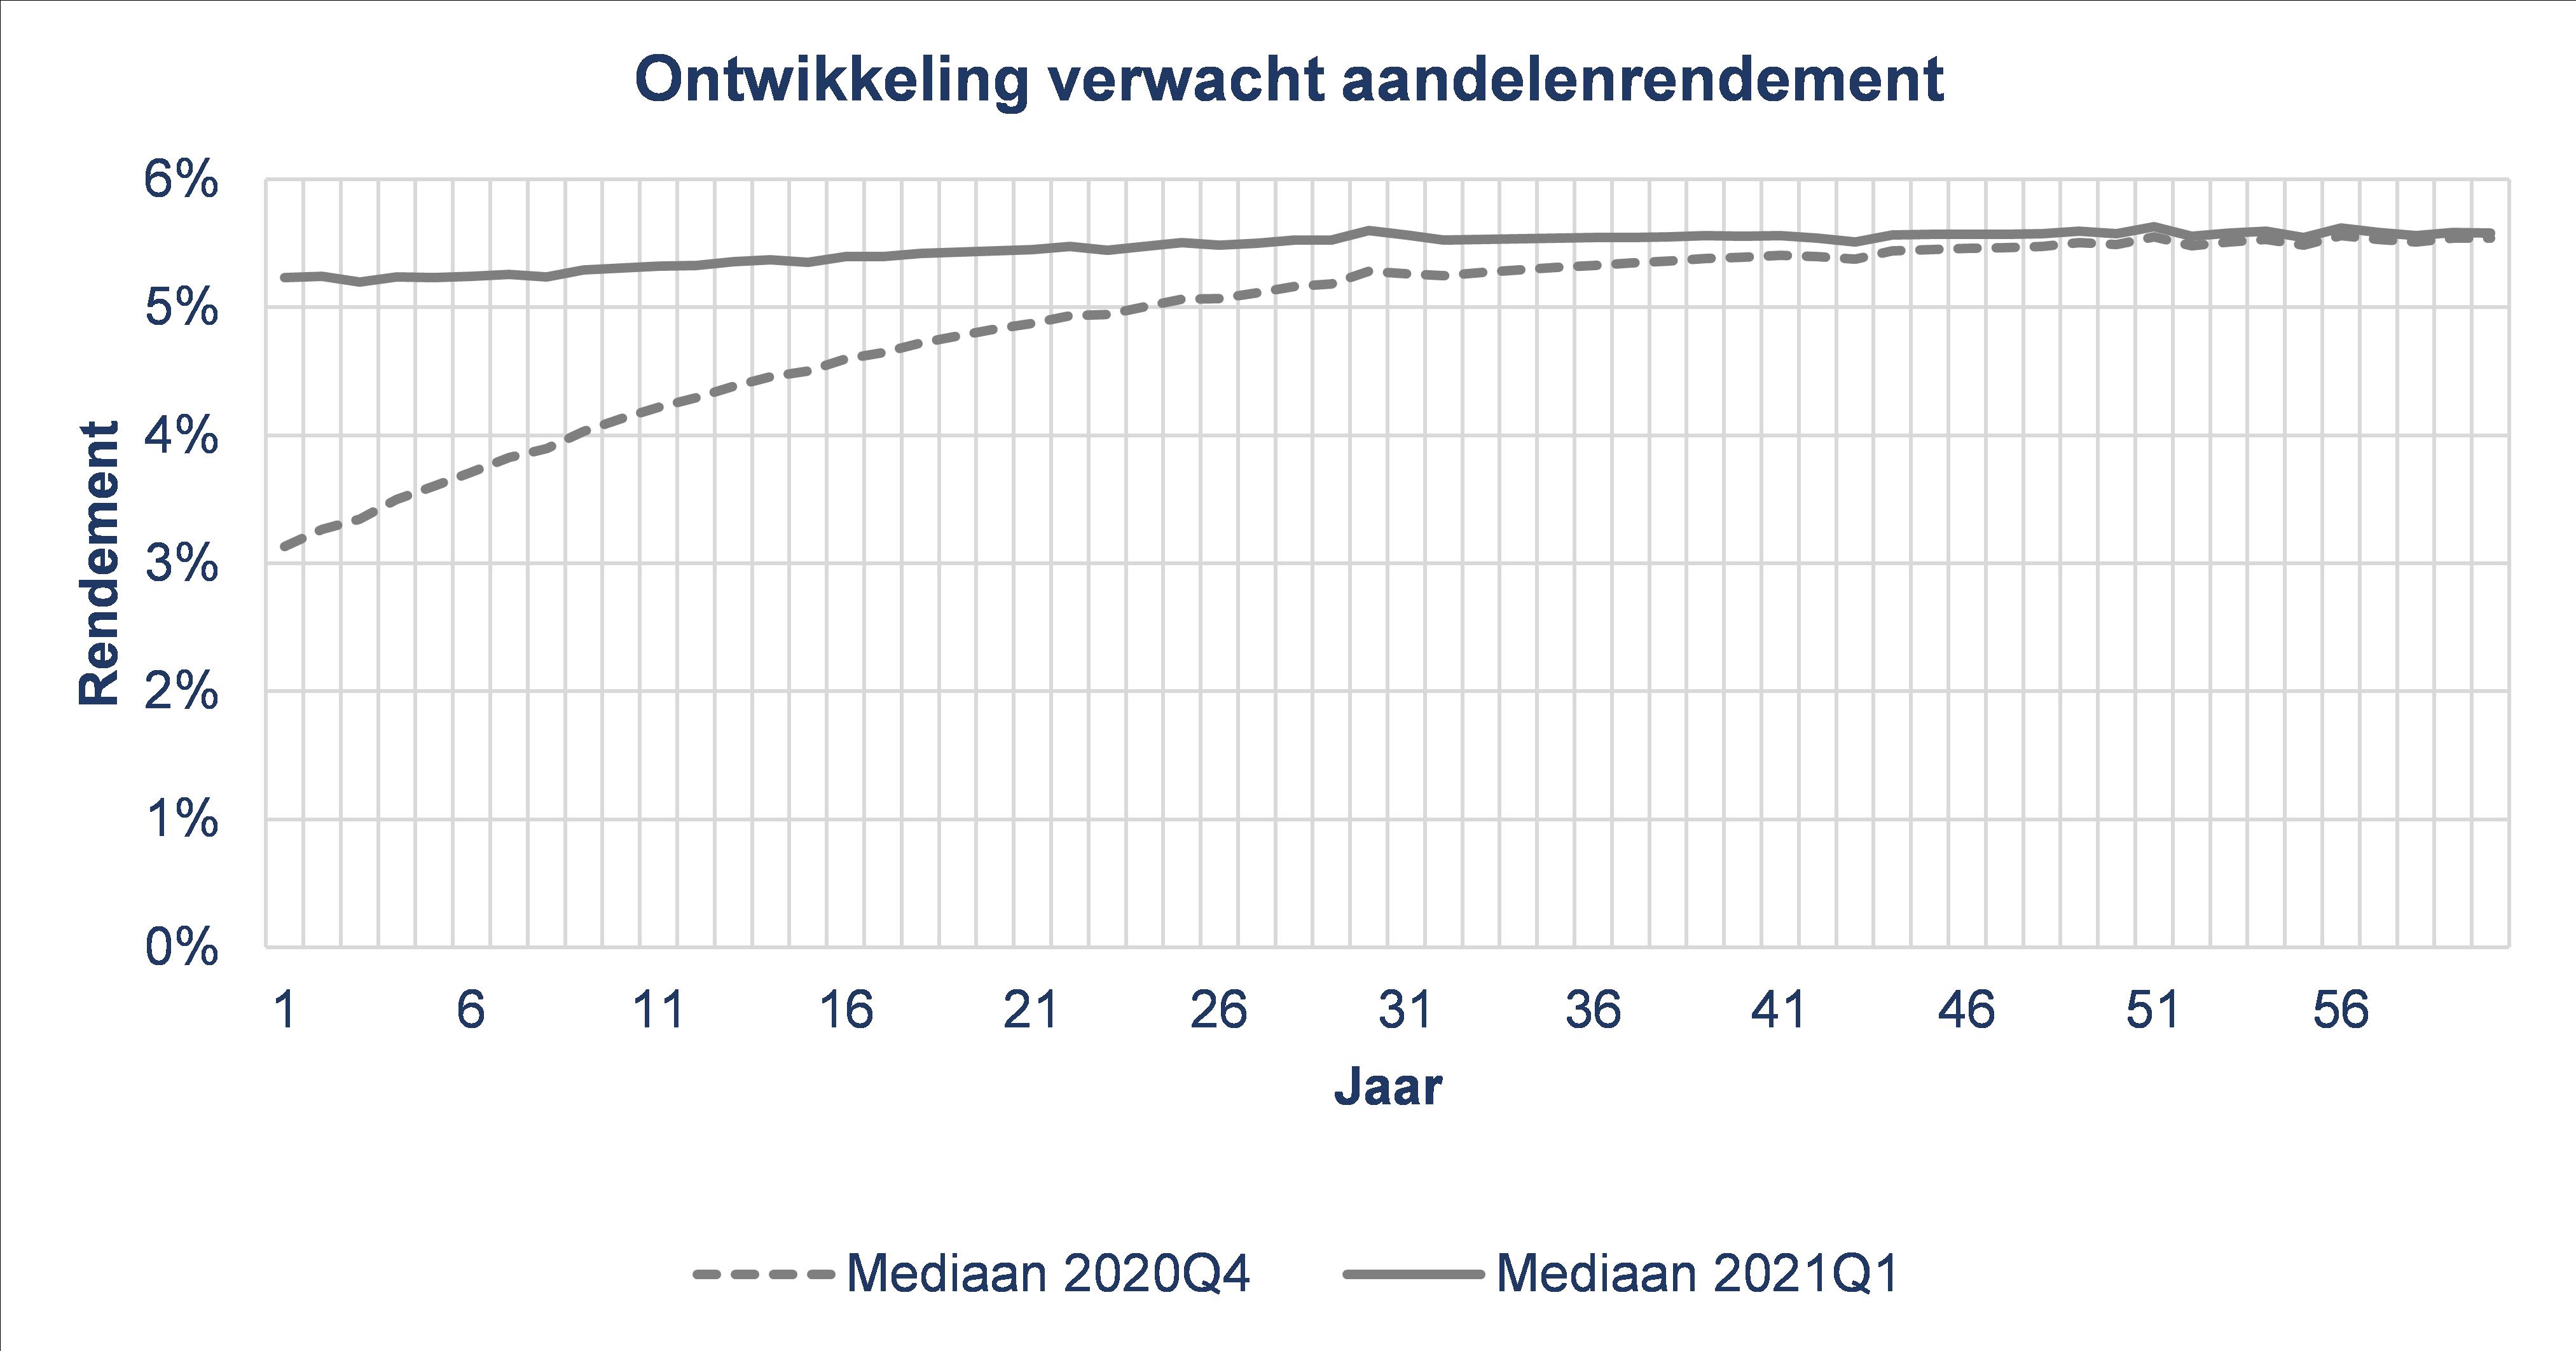 Wat zijn de effecten van nieuwe uitgangspunten uniforme scenarioset DNB op ontwikkeling verwacht aandelenrendement